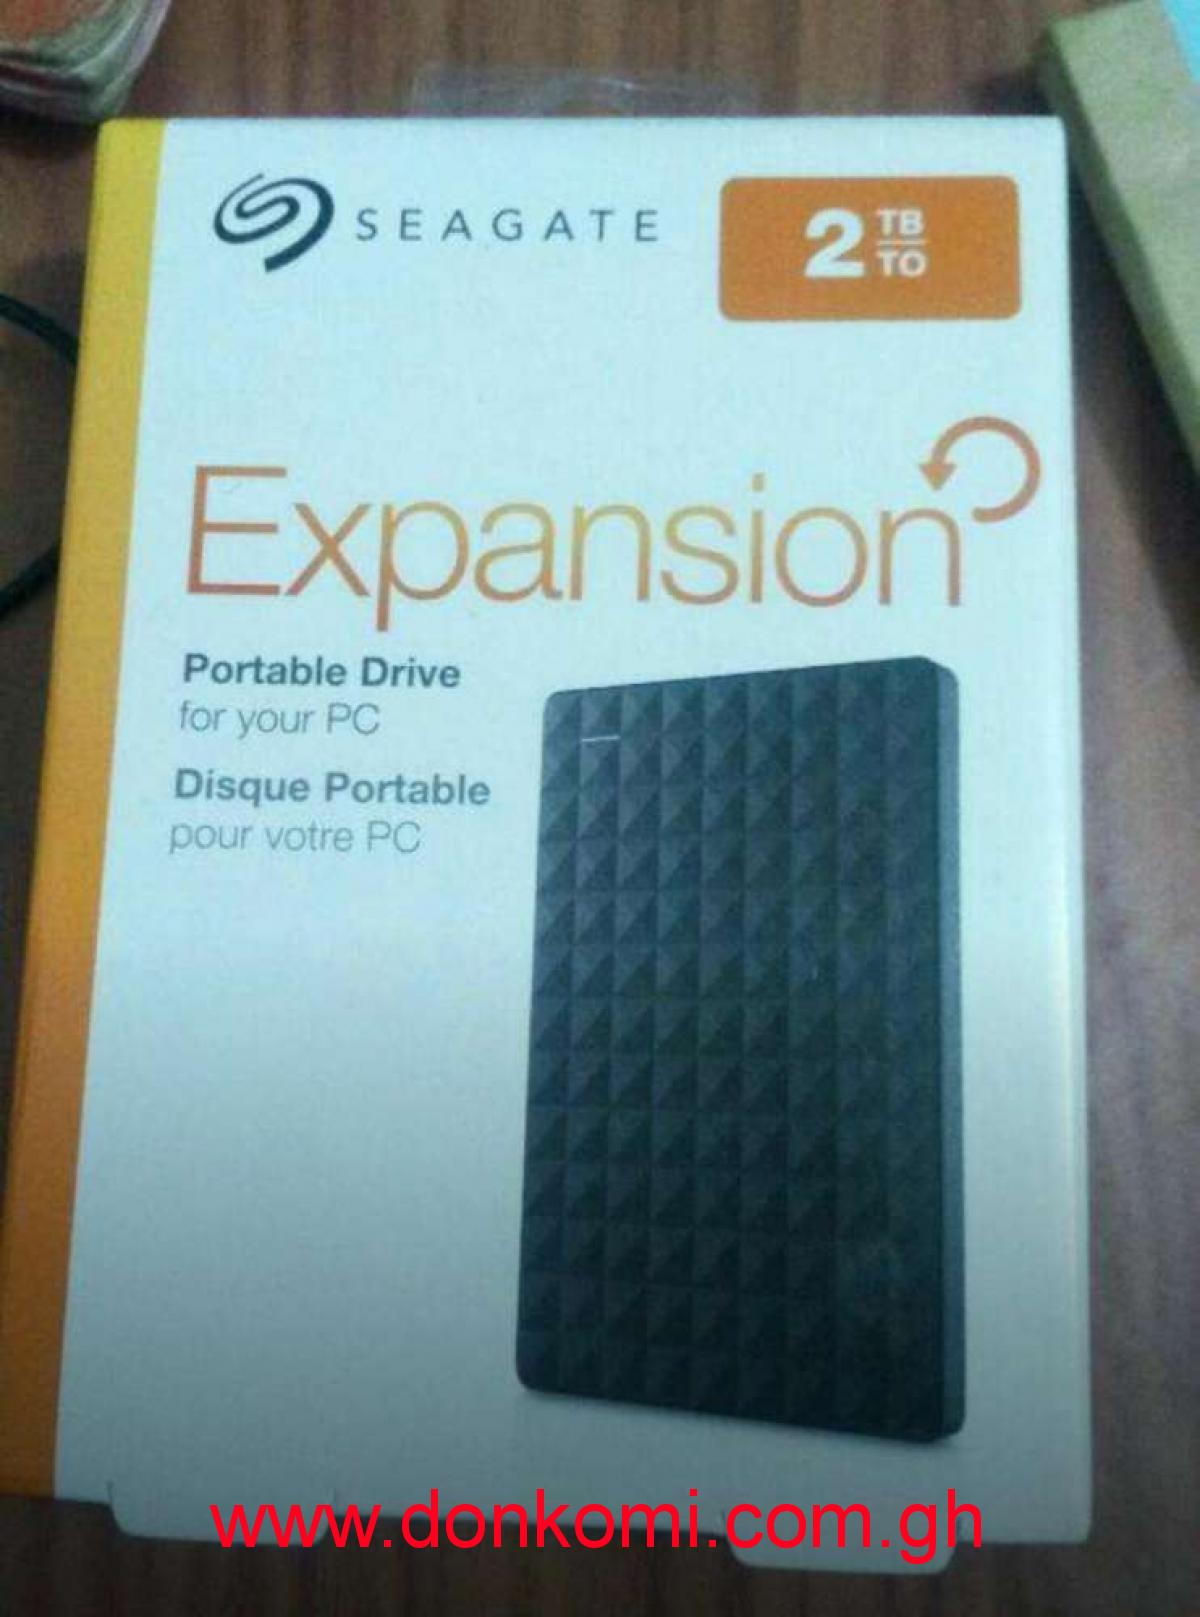 2 Terabytes External hard drives